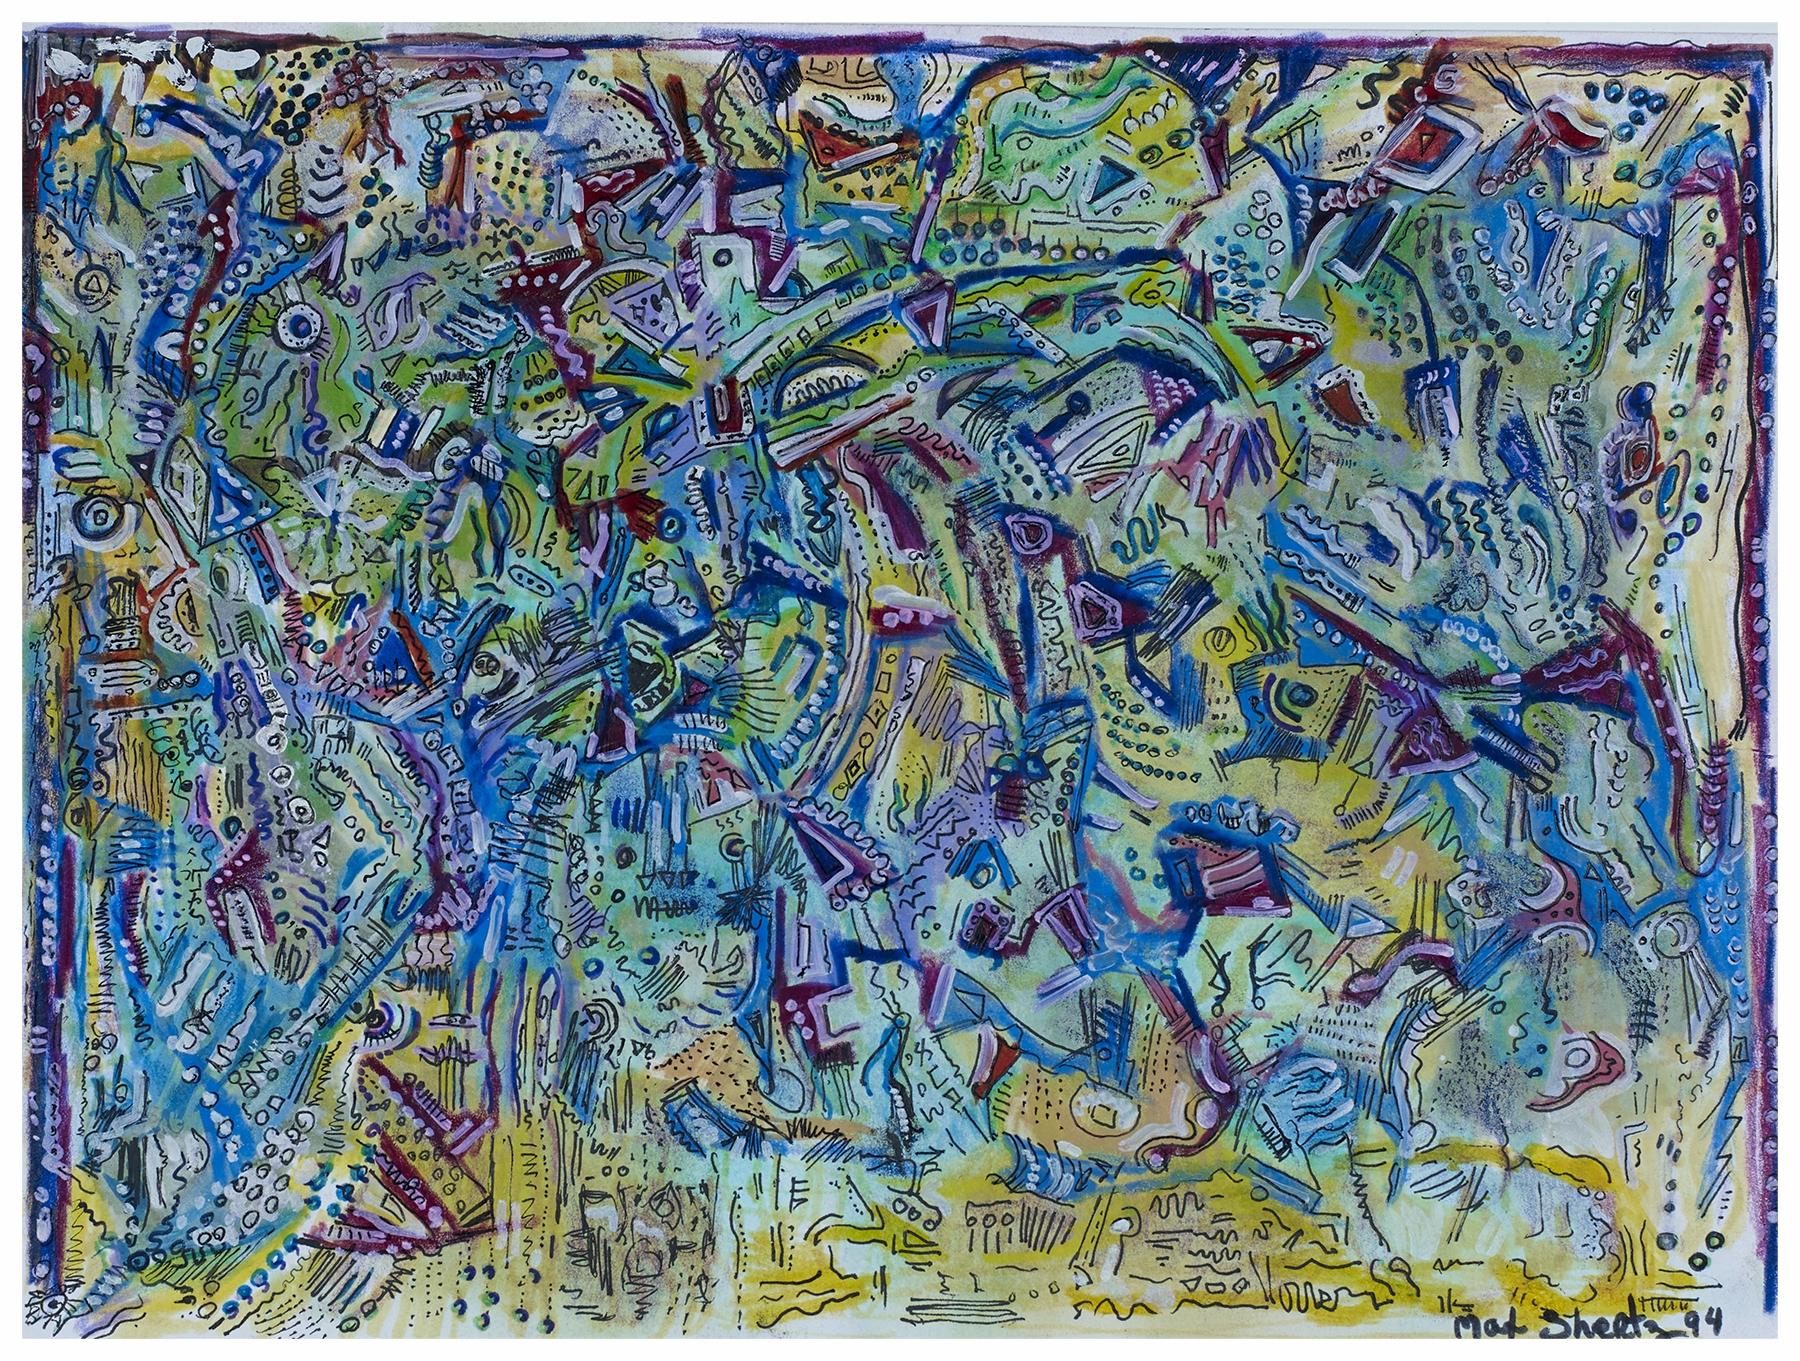 City Of Dreams 1994 9x12 Mixed Medium